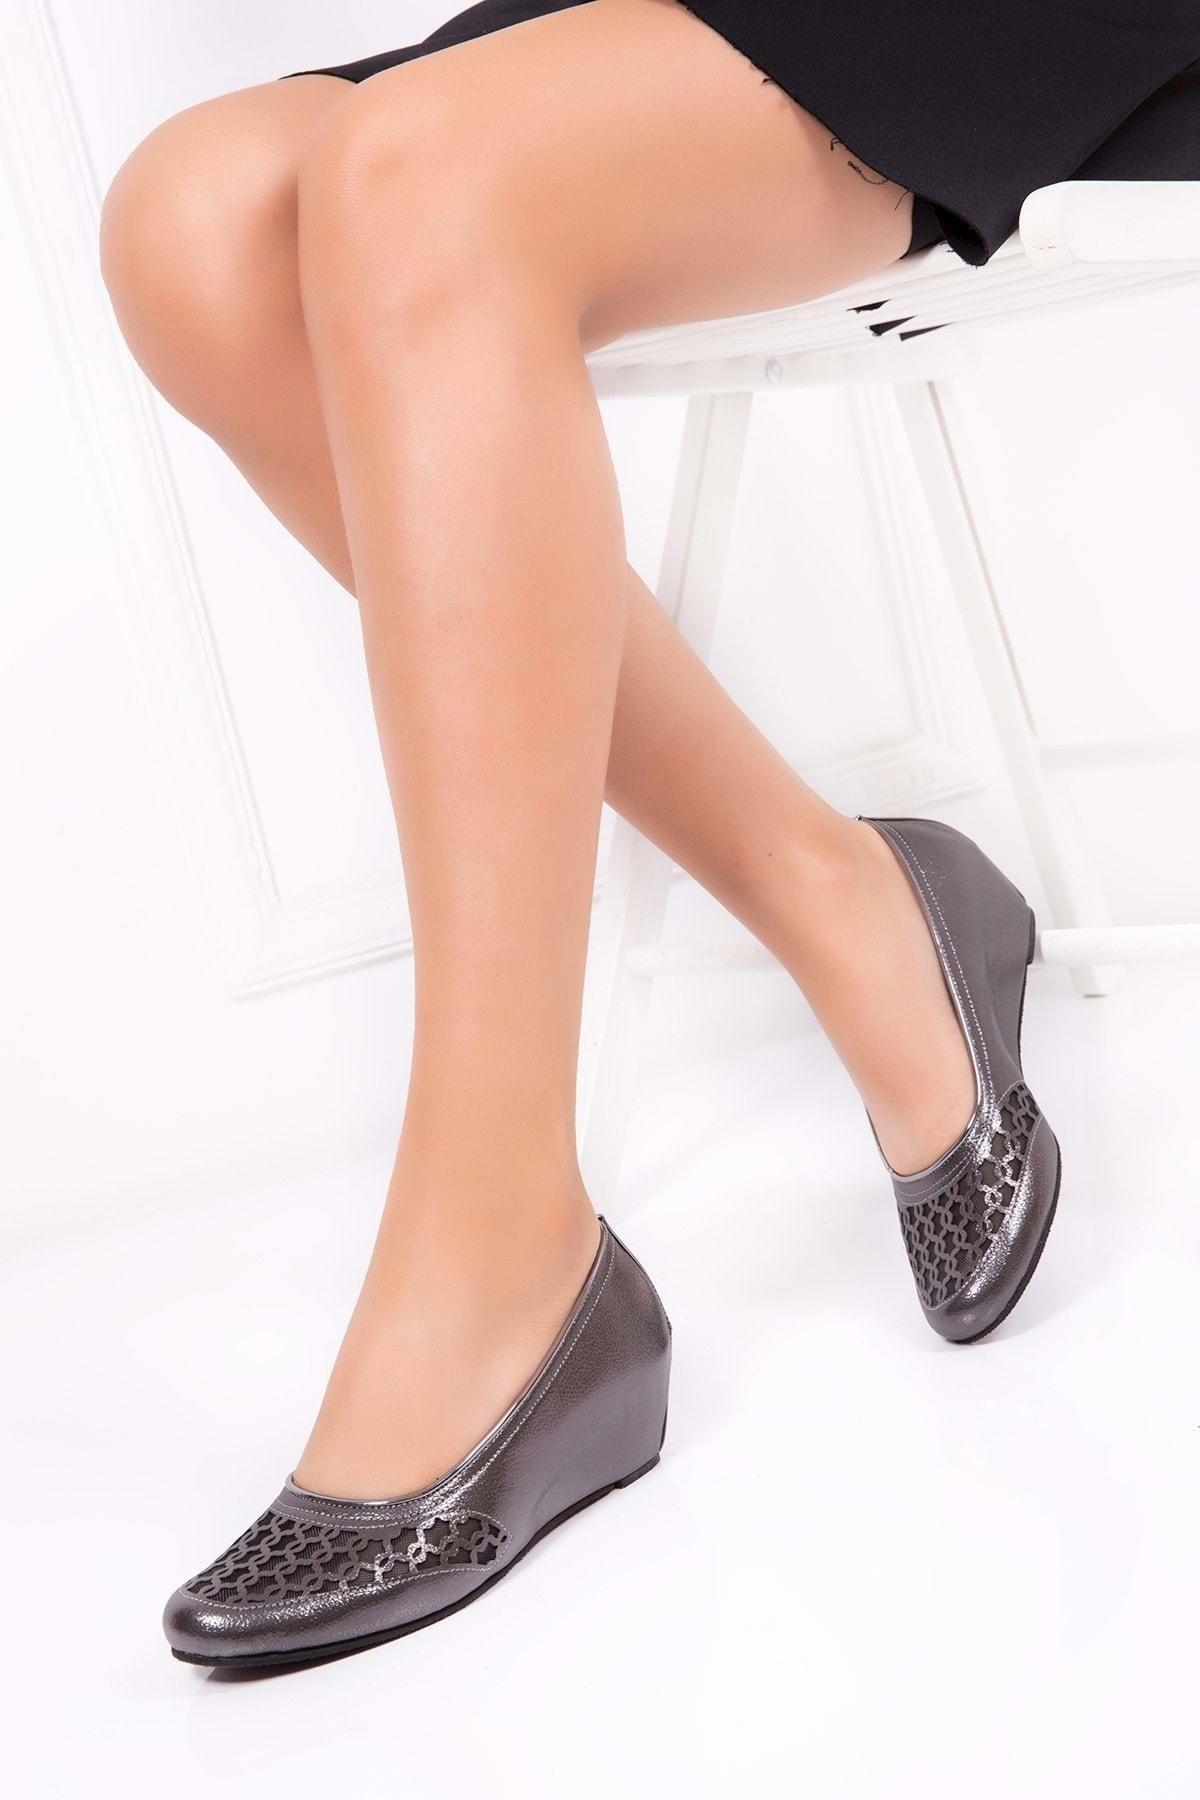 Gondol Transparan Ayrıntılı Ev Ayakkabı Platin 40 Dmr.195-2 1